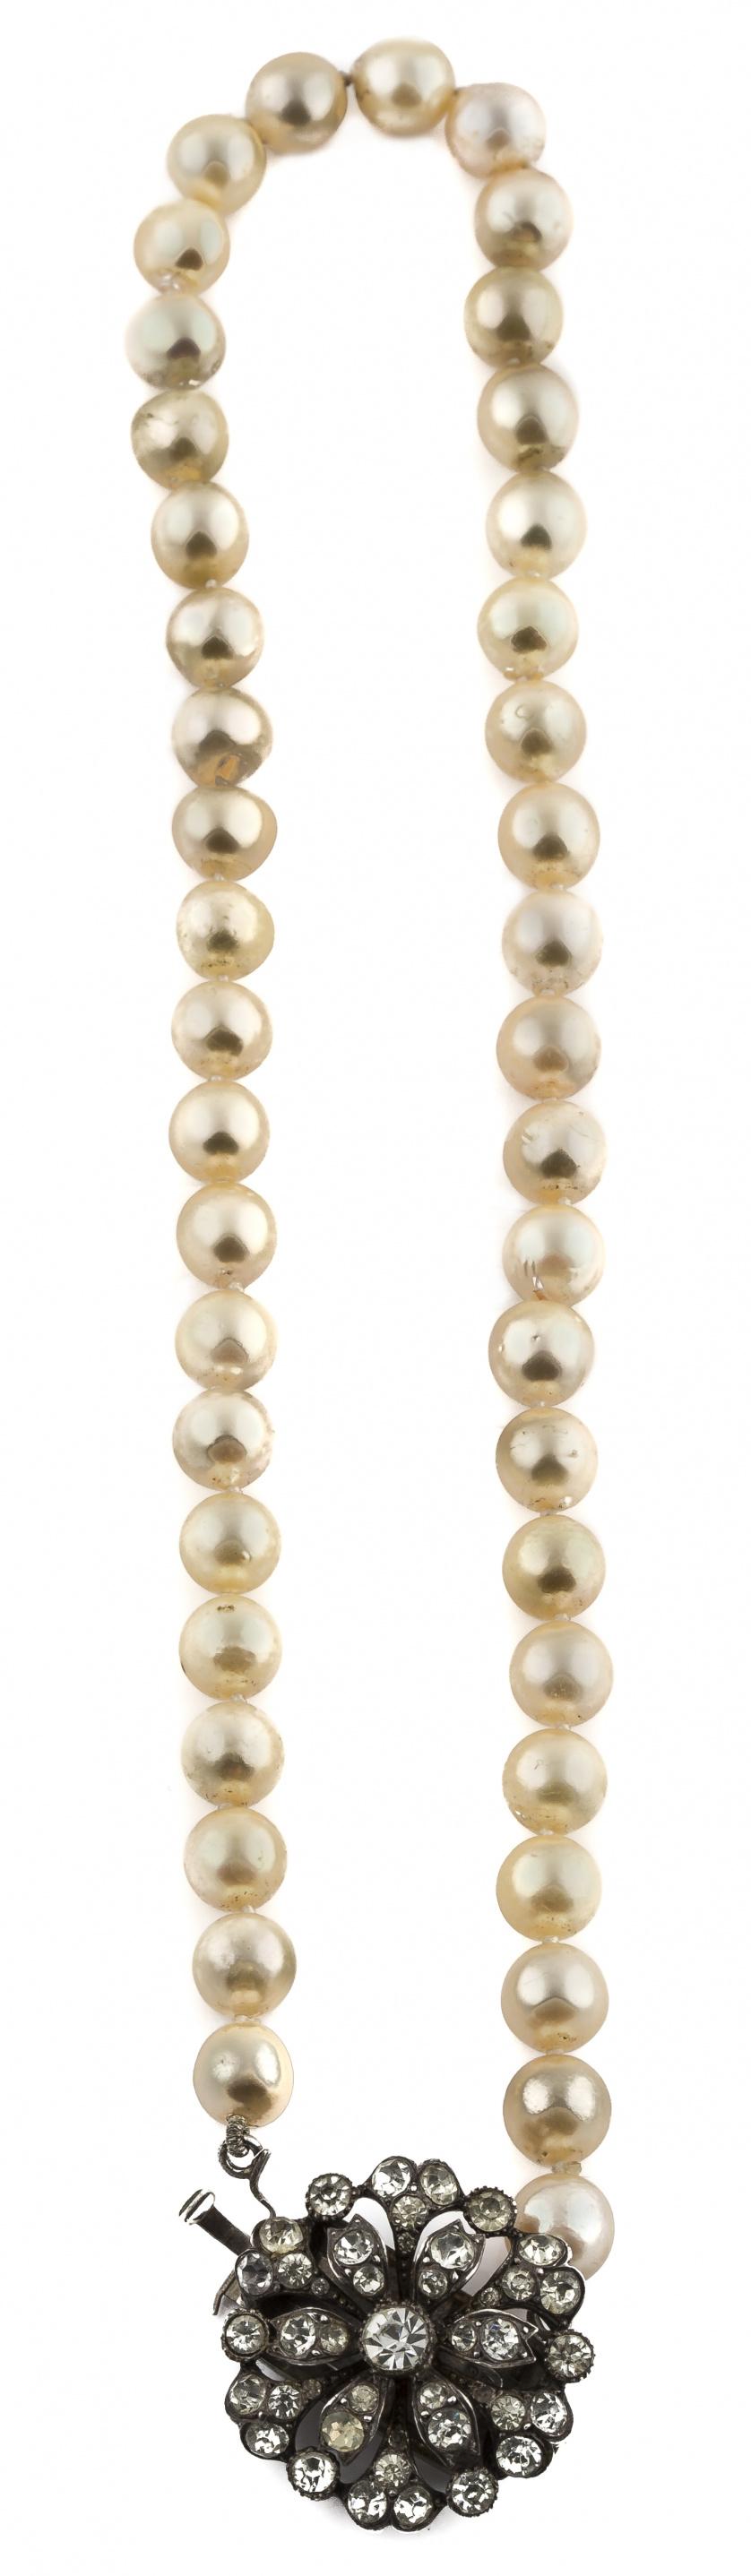 Collar de perlas cultivadas con cierre de plata y strass pp